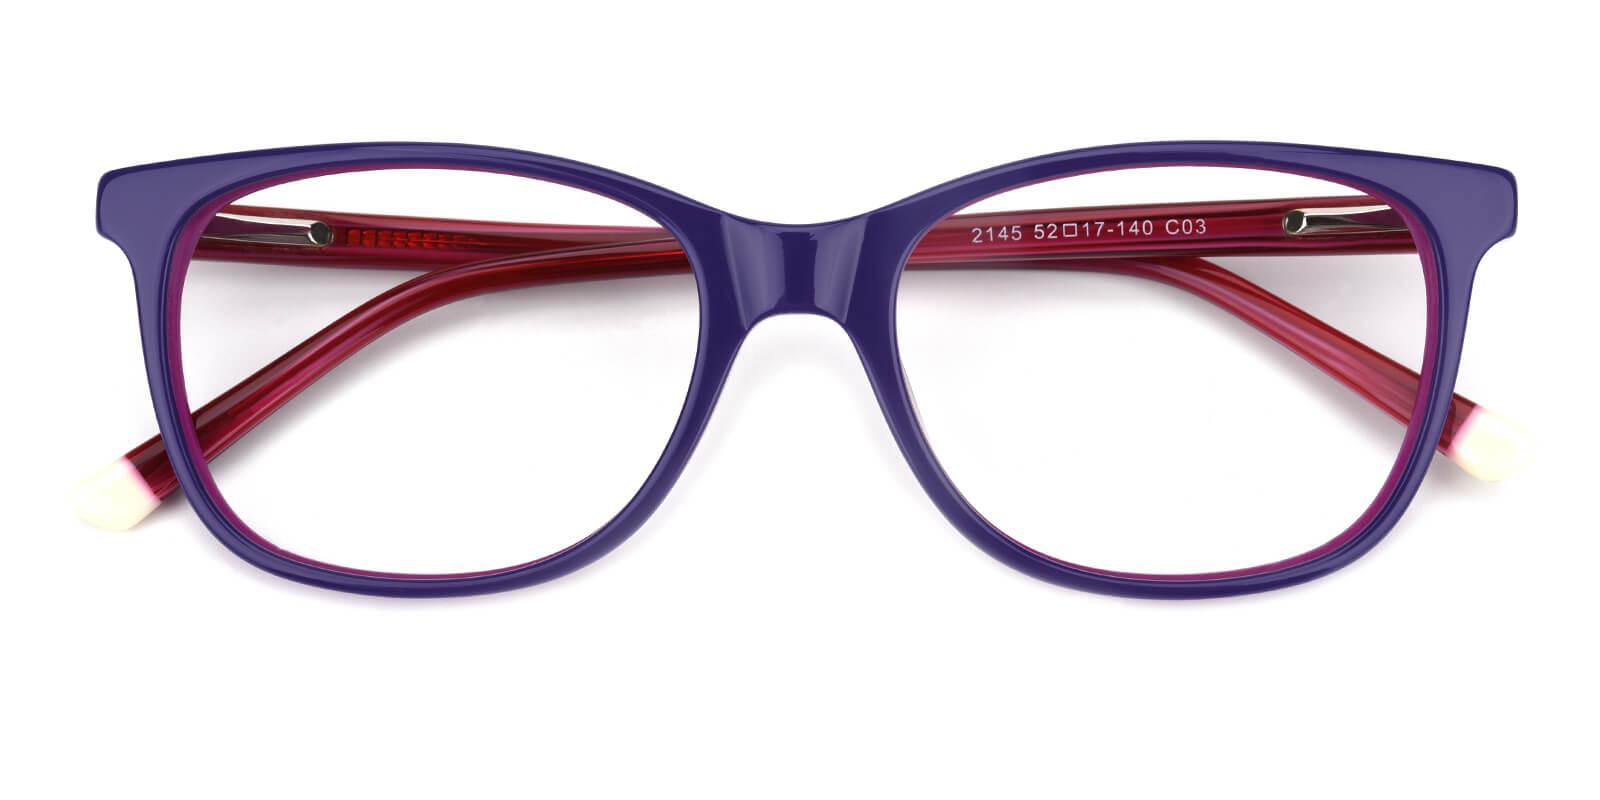 Sandwich-Blue-Square-Acetate-Eyeglasses-detail